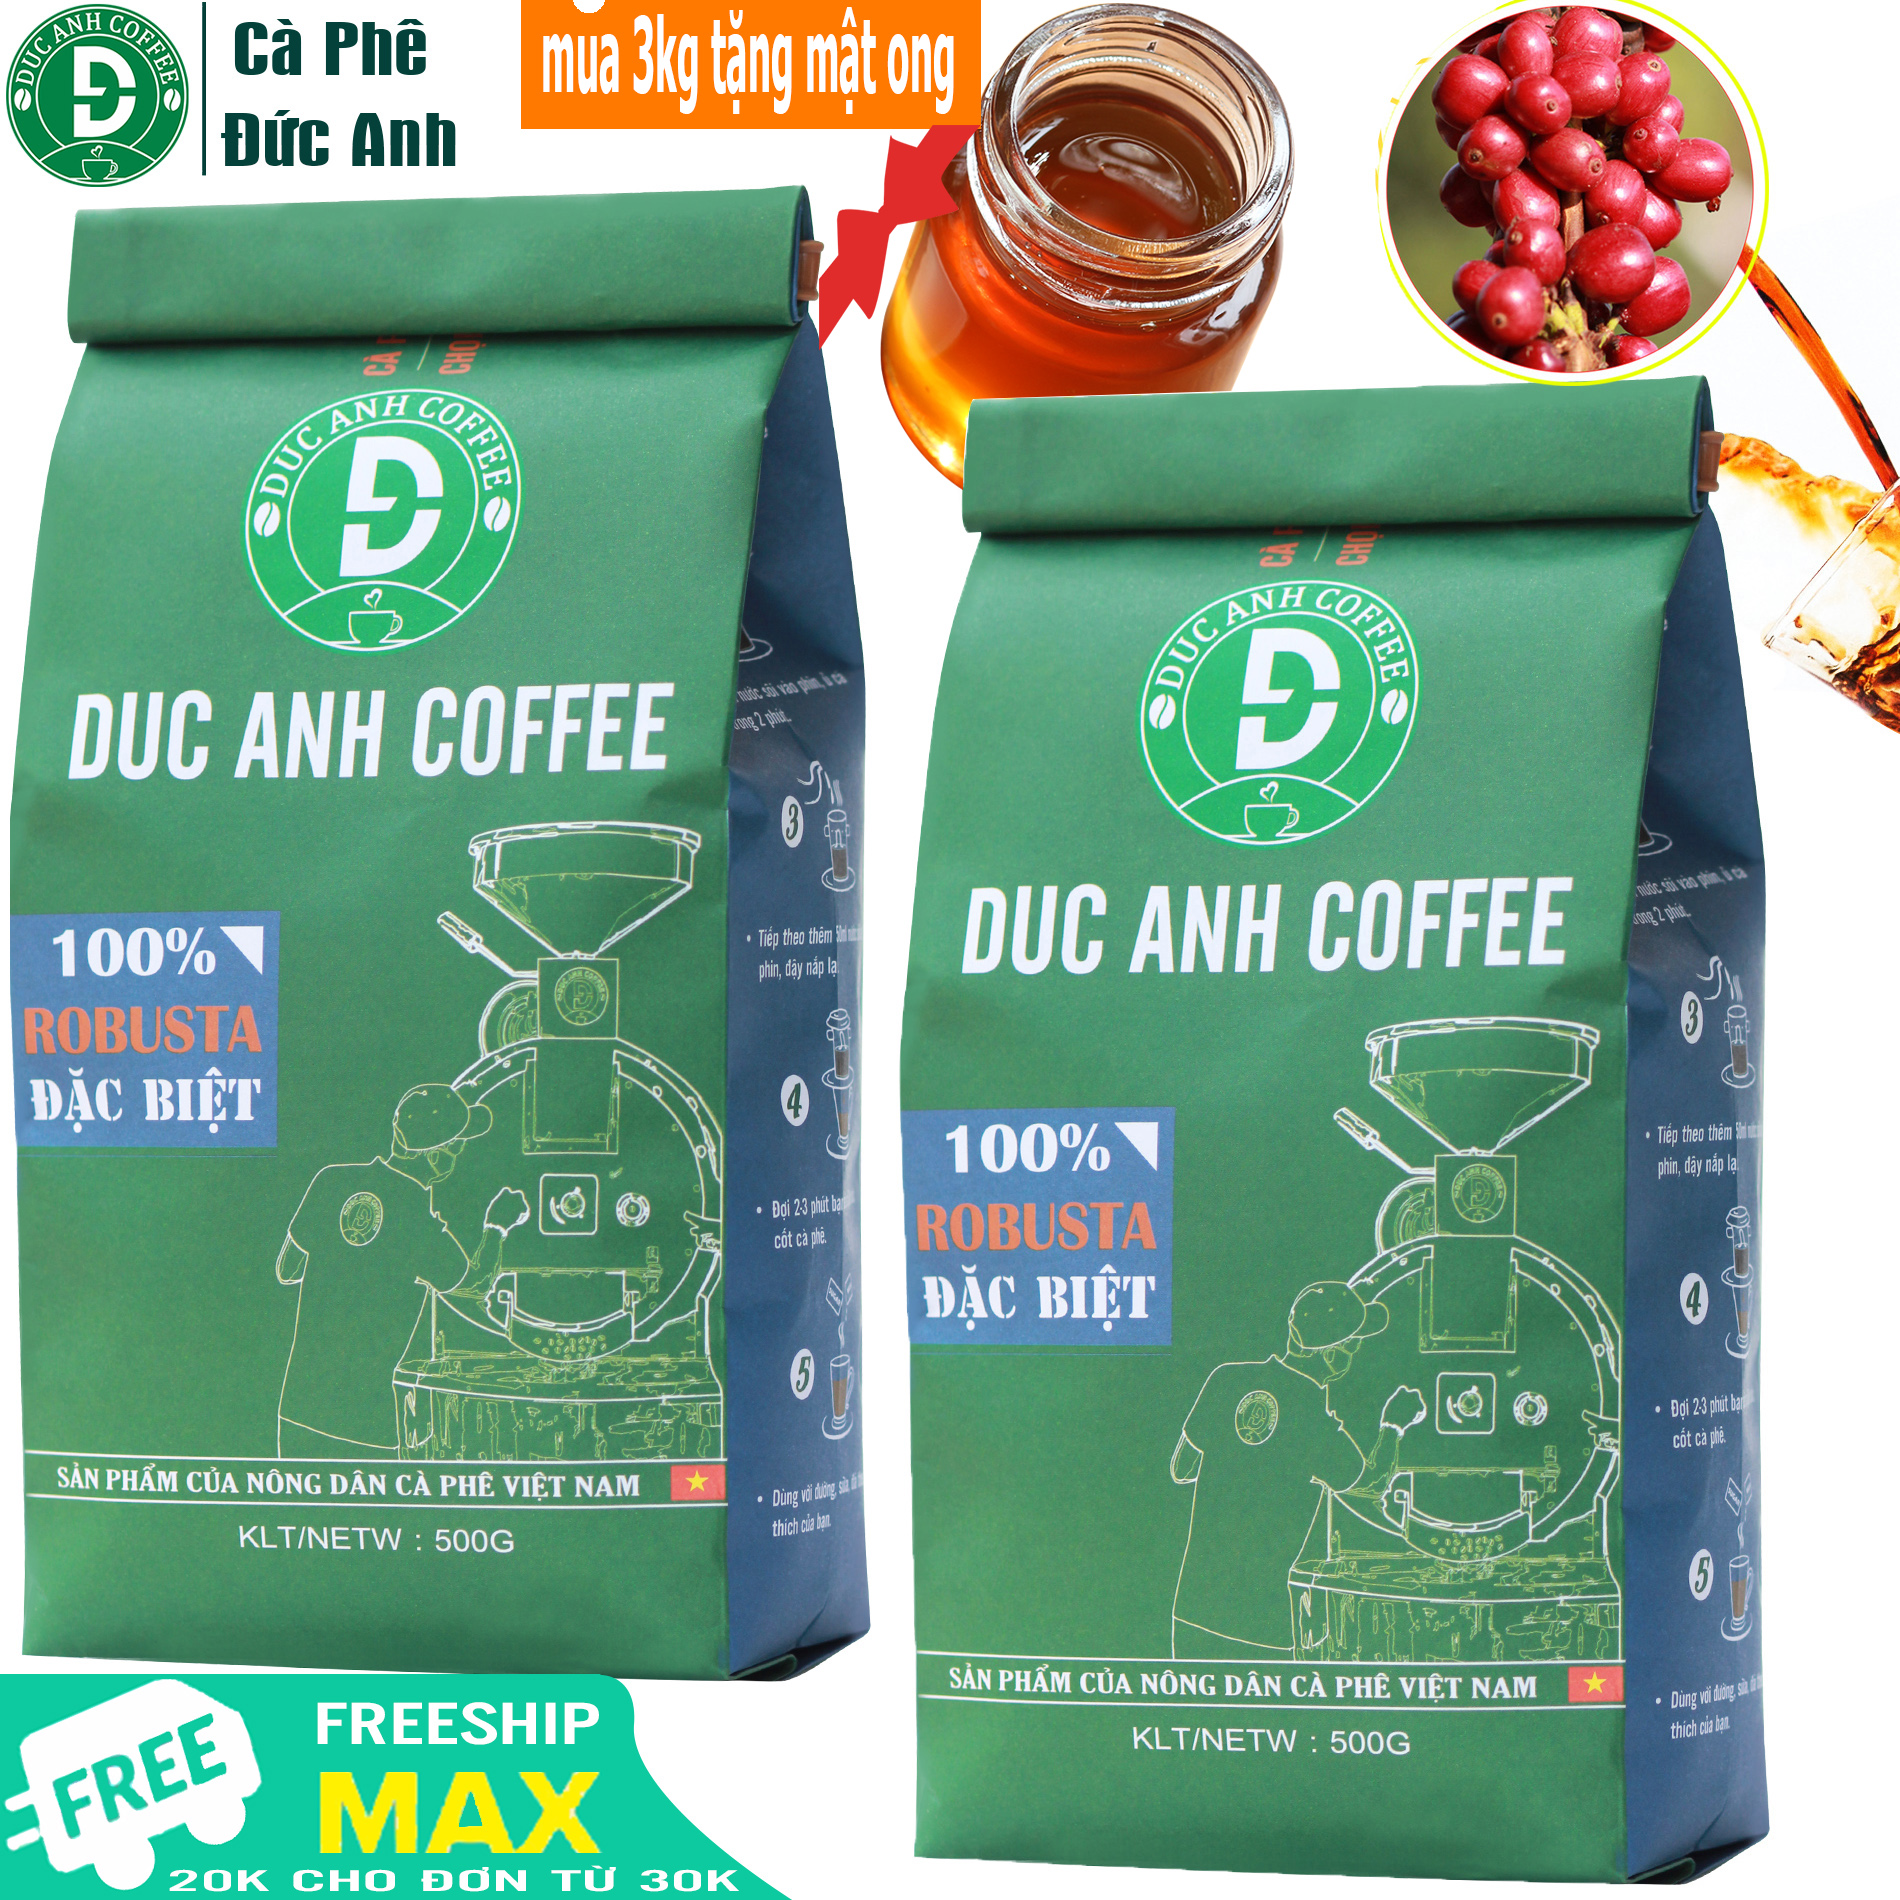 [HCM]1kg Cà Phê Rang Xay Đặc Biệt DUC ANH COFFEE Rang mộc Pha Phin - 100% Robusta Thượng Hạng - chọn trái chín - Sản phẩm cà phê rang xay nguyên chất bán chạy top 1 - Túi Xanh - tặng mật ong nguyên chất cho đơn từ 299k